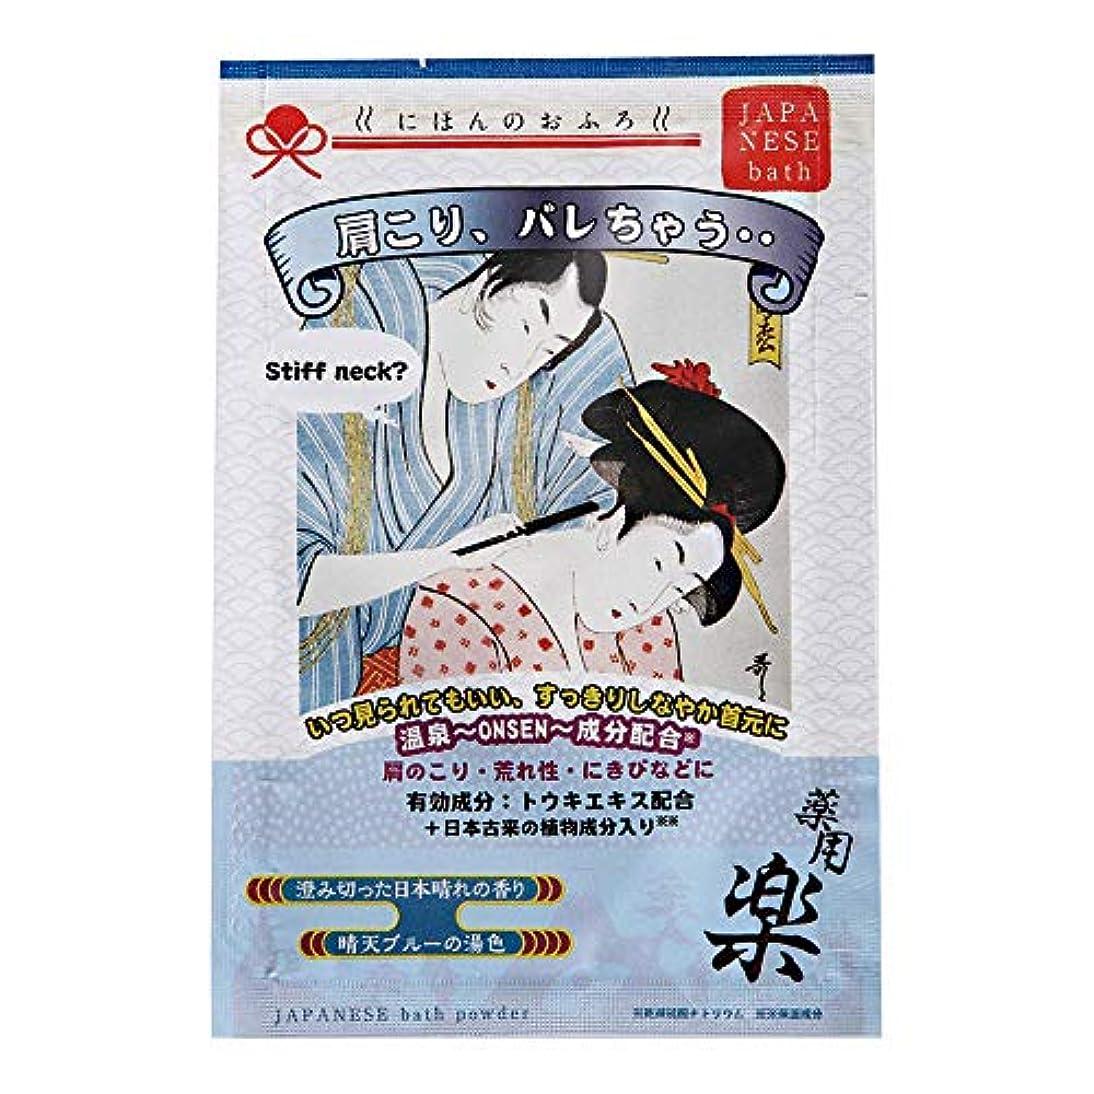 ロッカー酸化物分泌するにほんのおふろ 肩こり、バレちゃう?? 澄み切った日本晴れの香り 25g